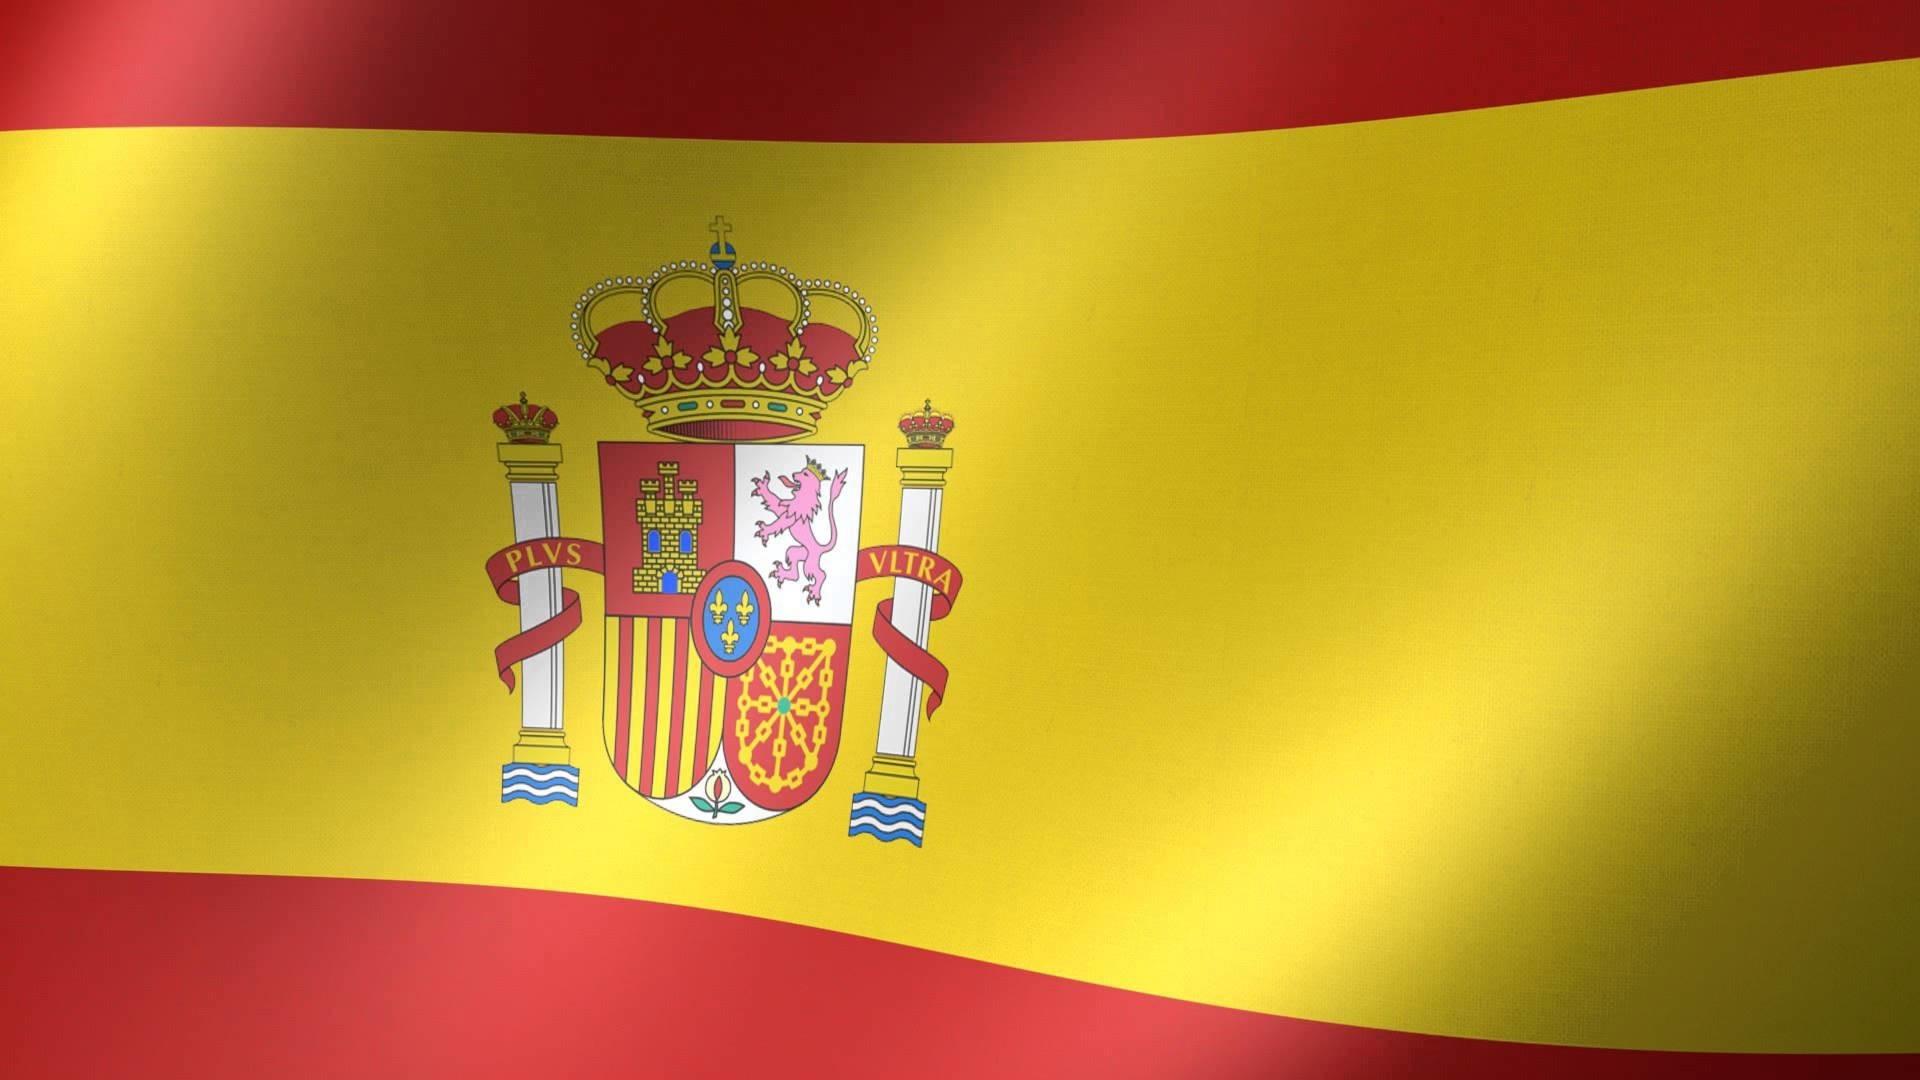 двух испанский флаг фото в хорошем качестве сразу